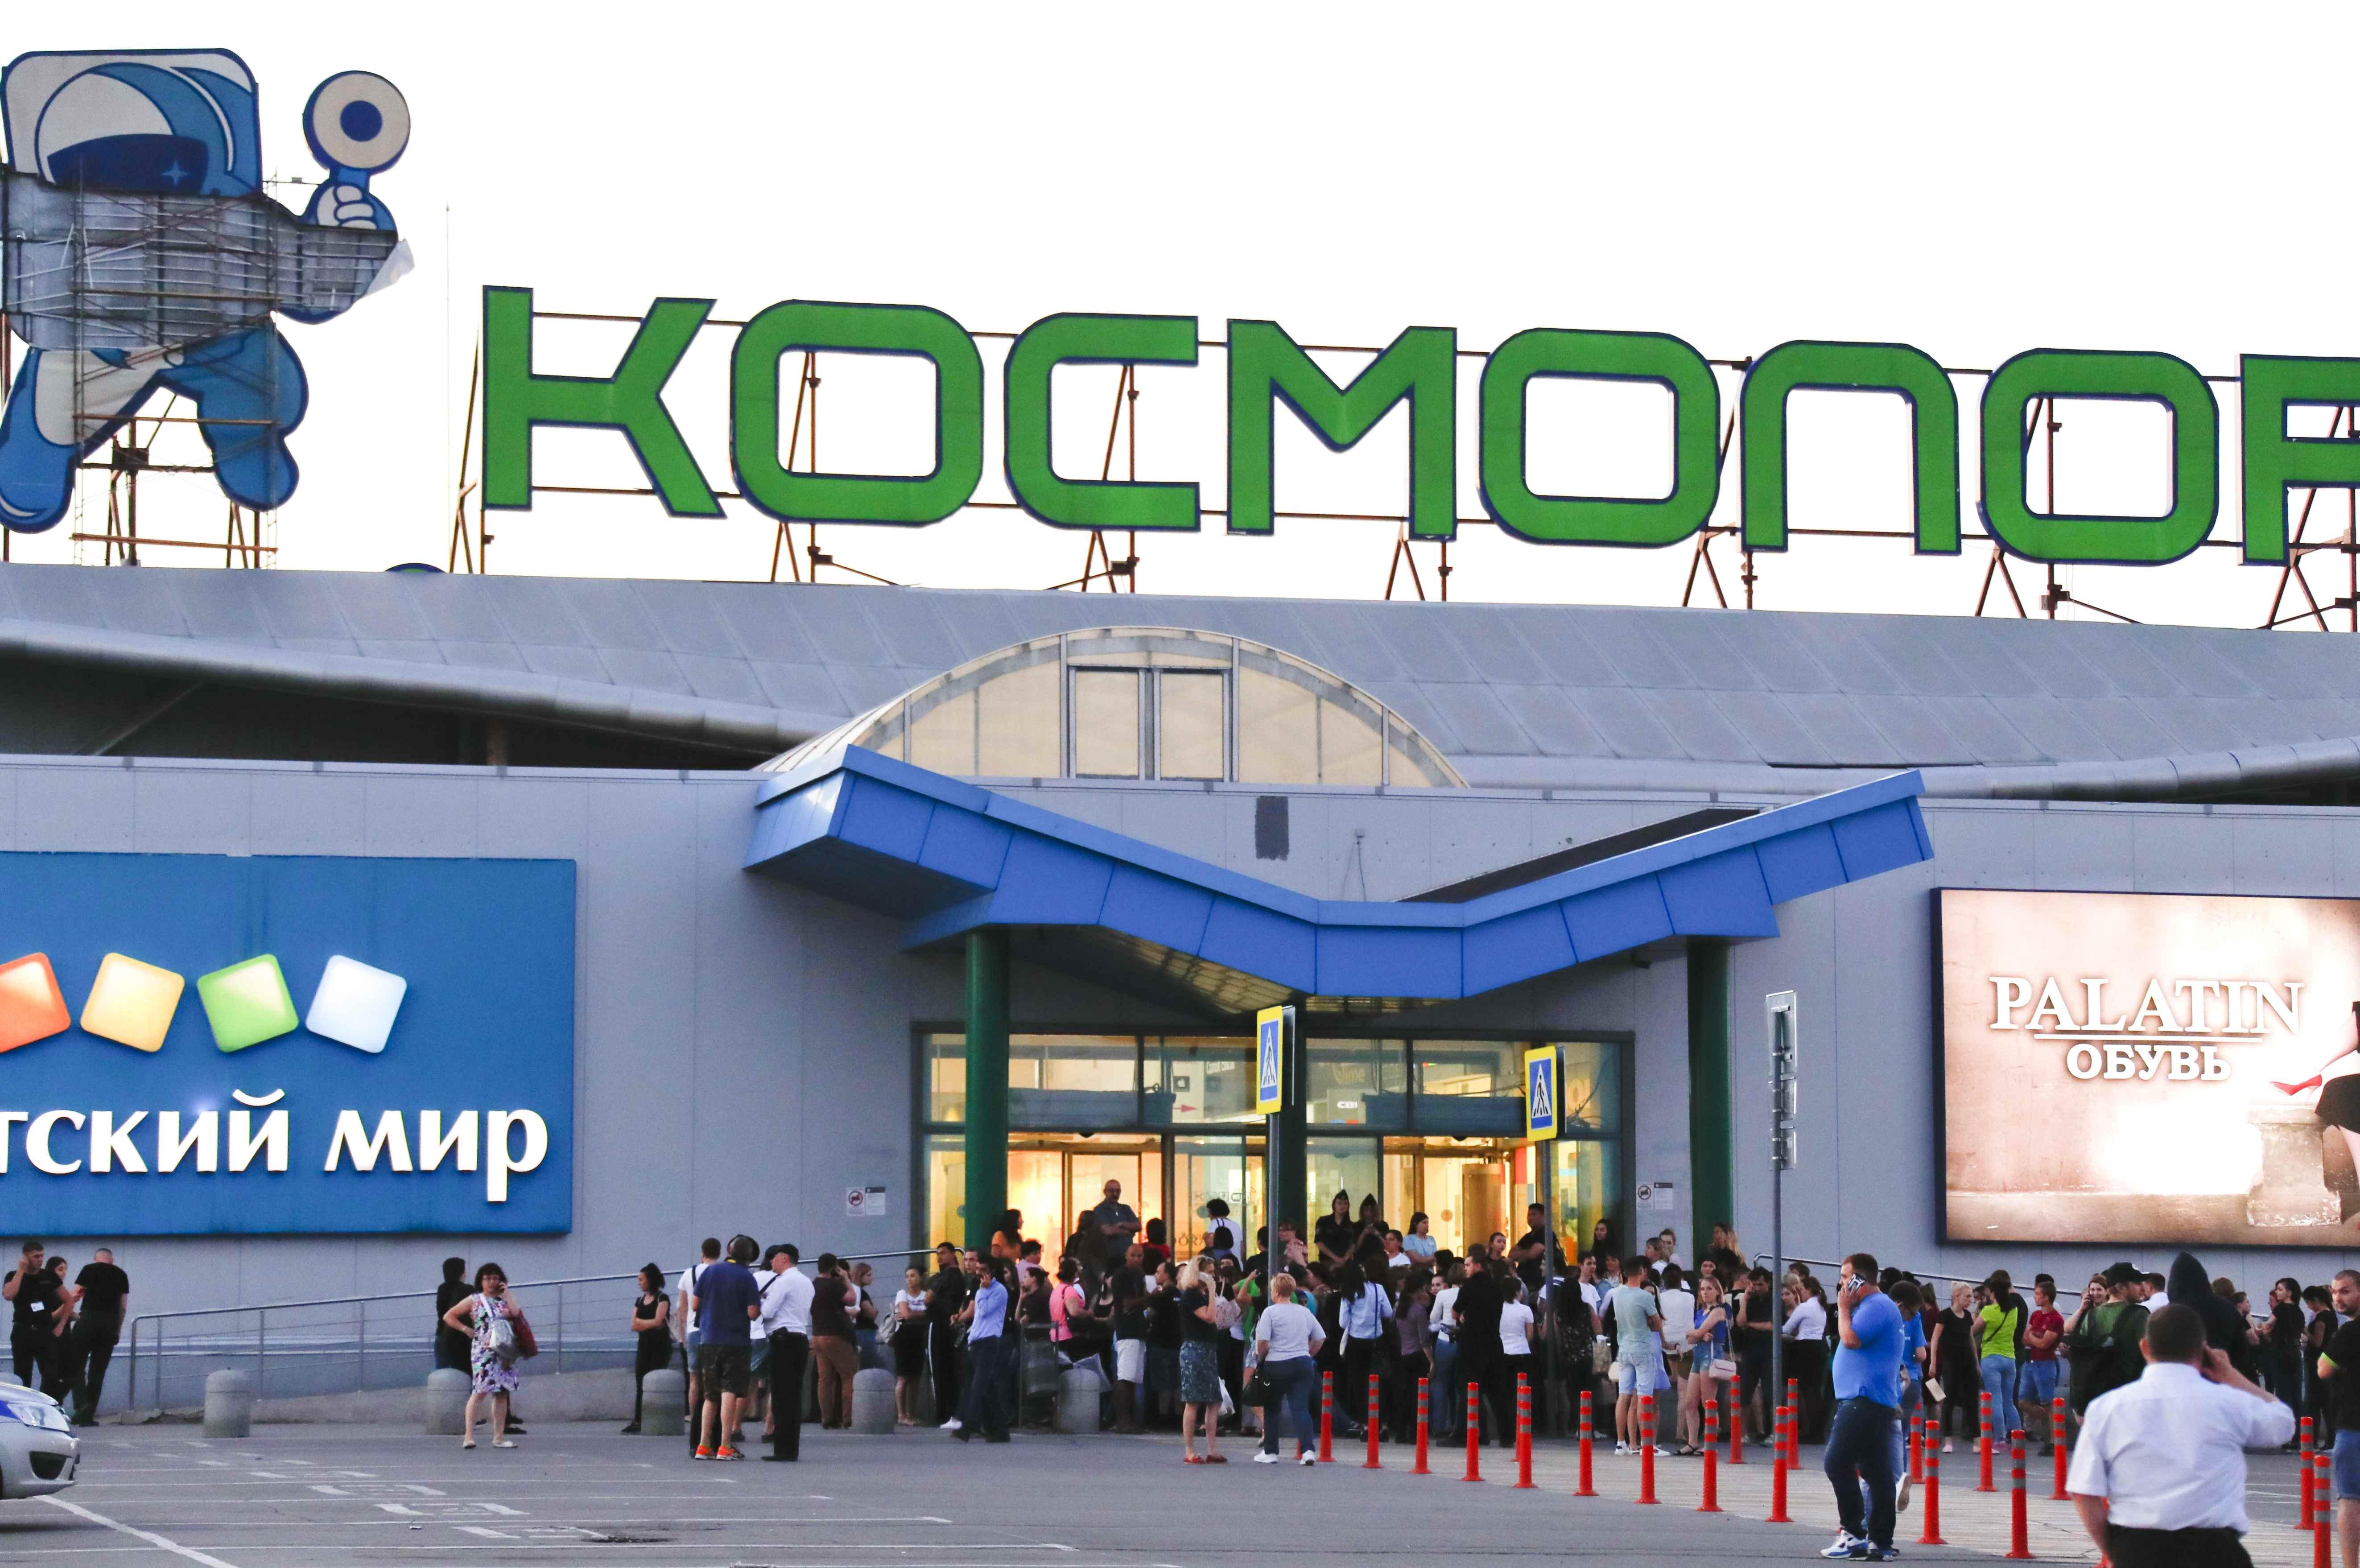 Desalojan 3 centros comerciales en Samara, Rusia